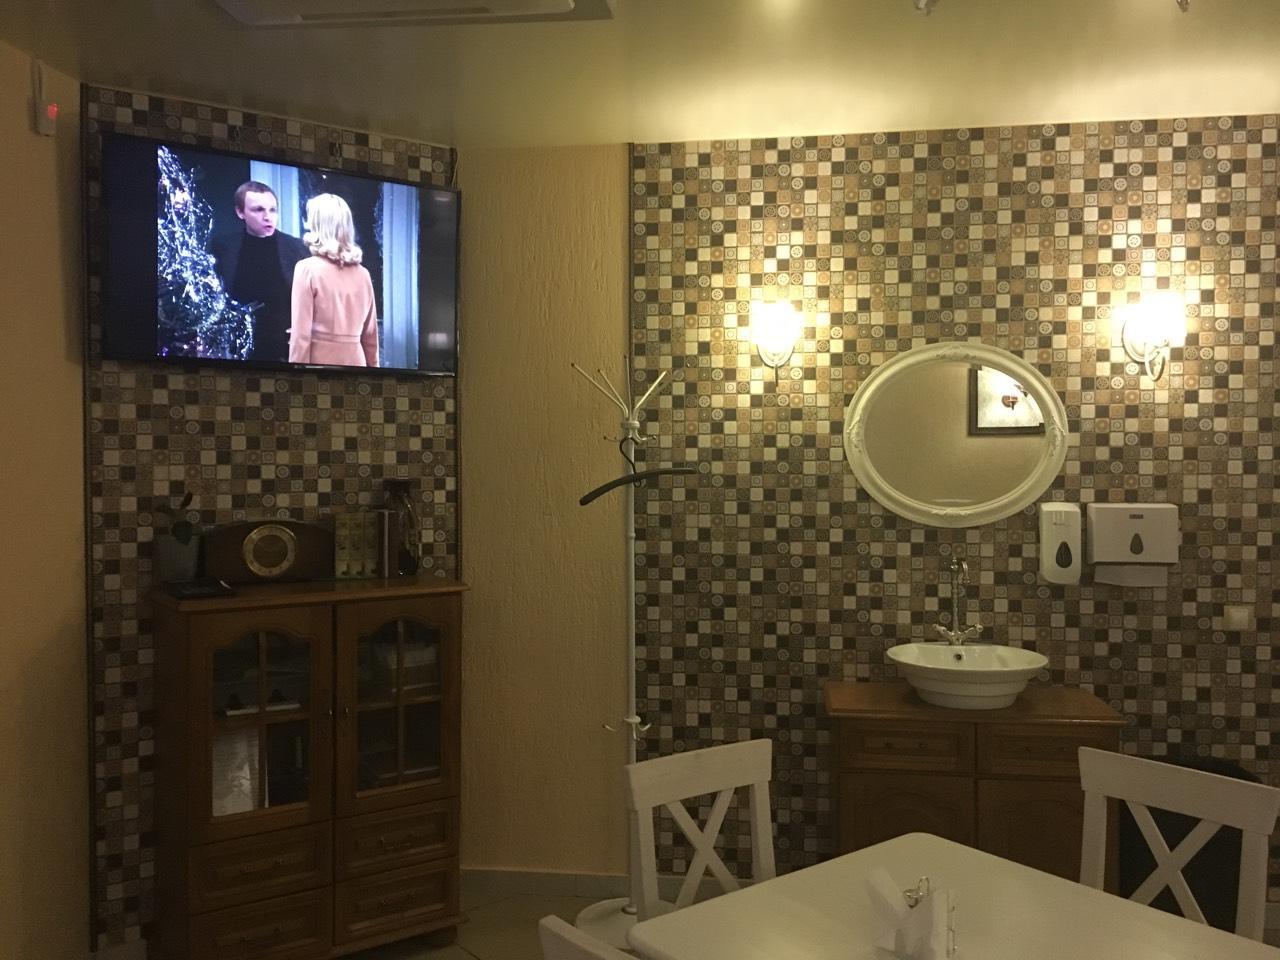 Купить помещение под сферу услуг в Минске, пр-т Дзержинского, д. 11 - фото 3